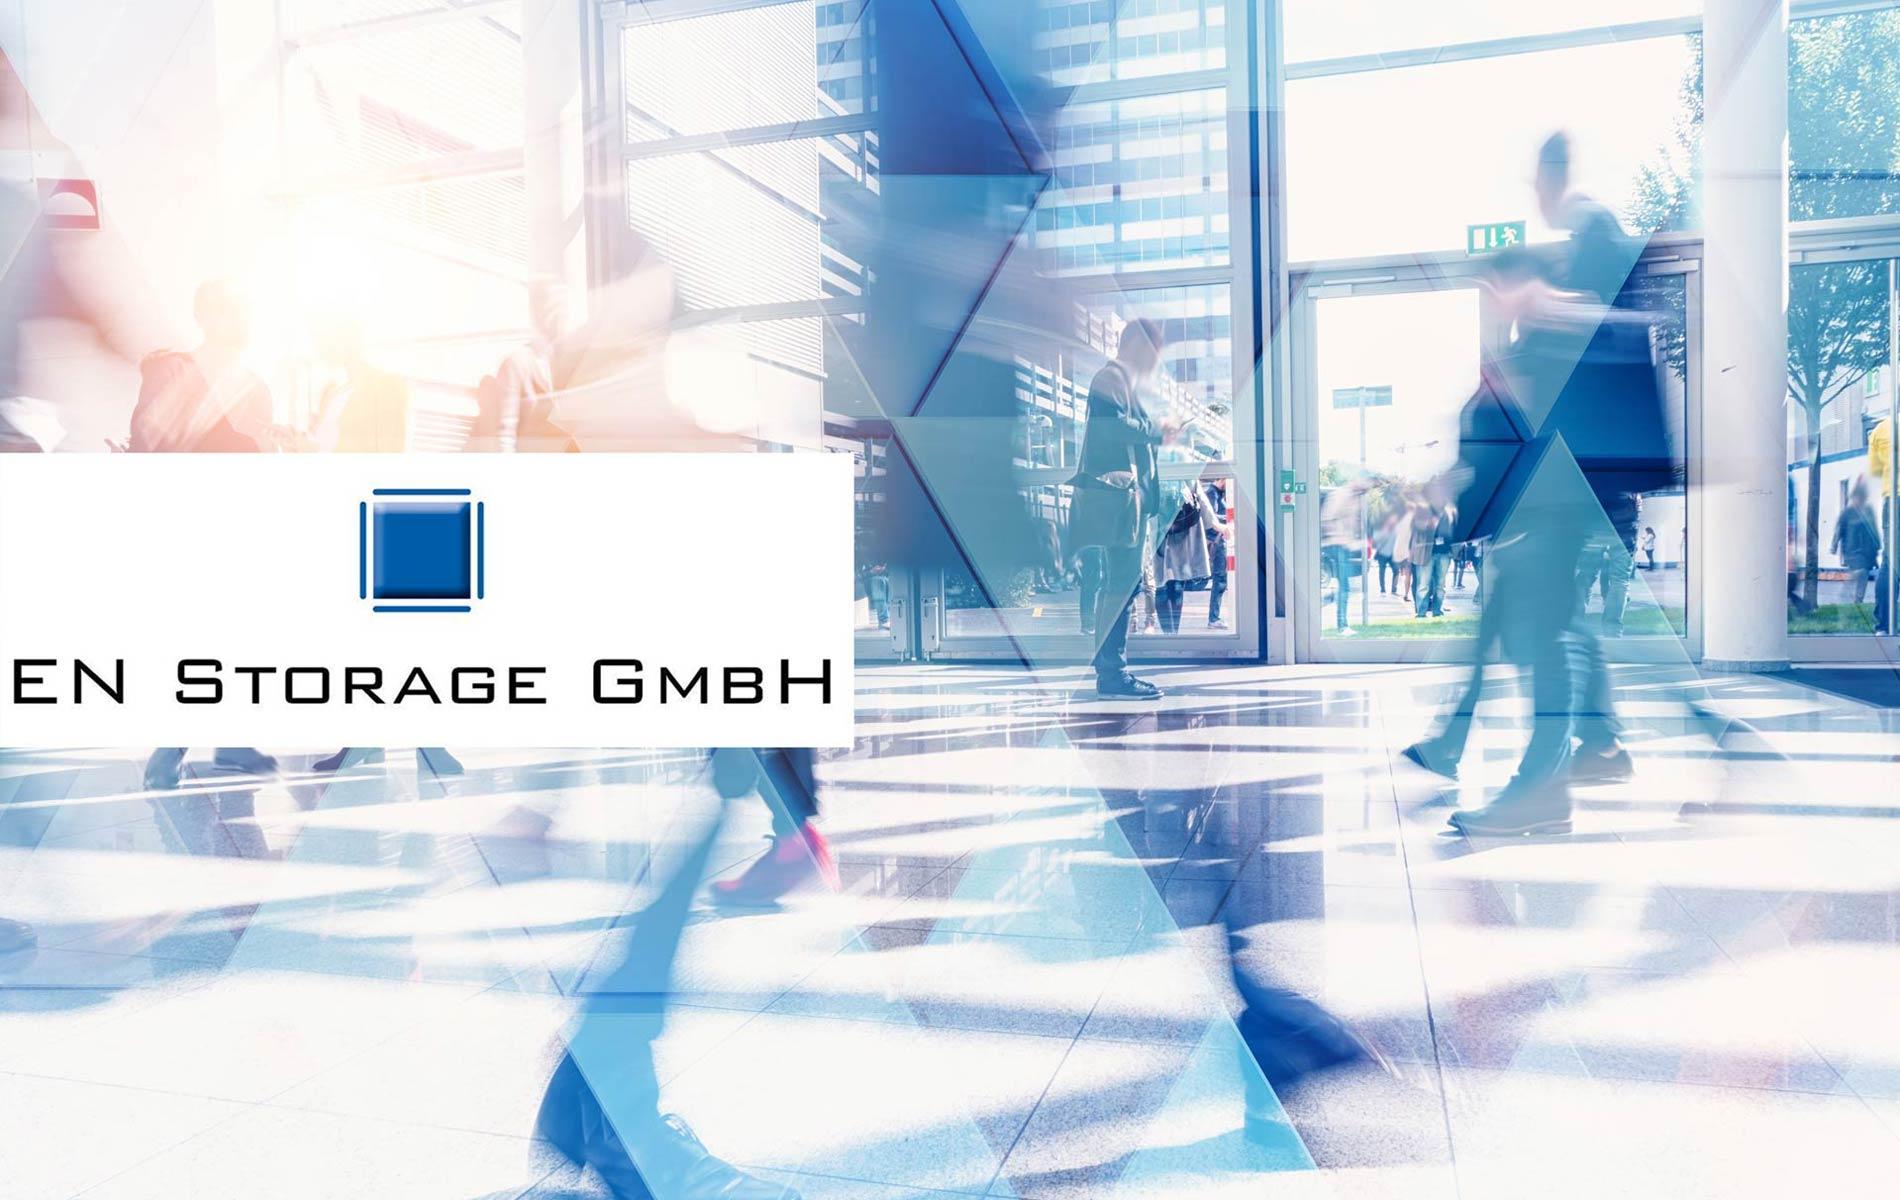 EN Storage GmbH in der Krise